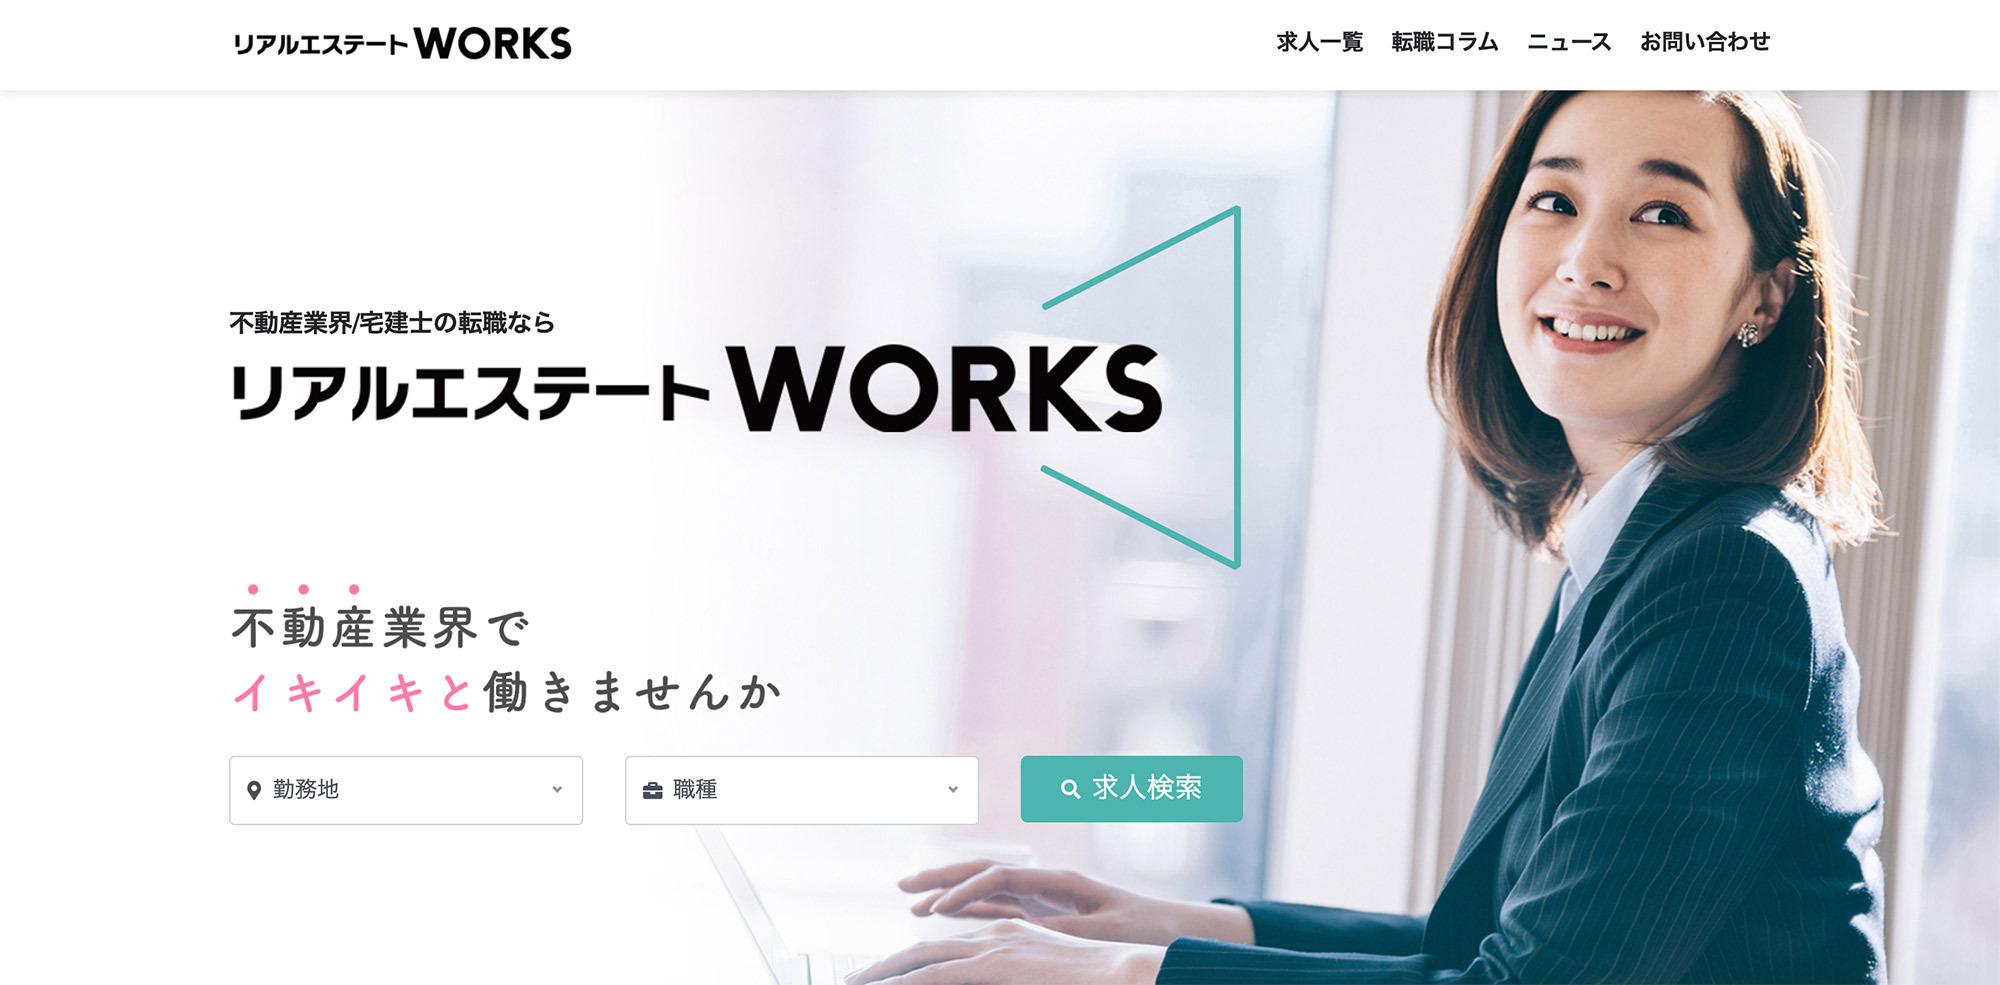 「リアルエステートWORKS」の事業ミッションと新サービス立ち上げの背景